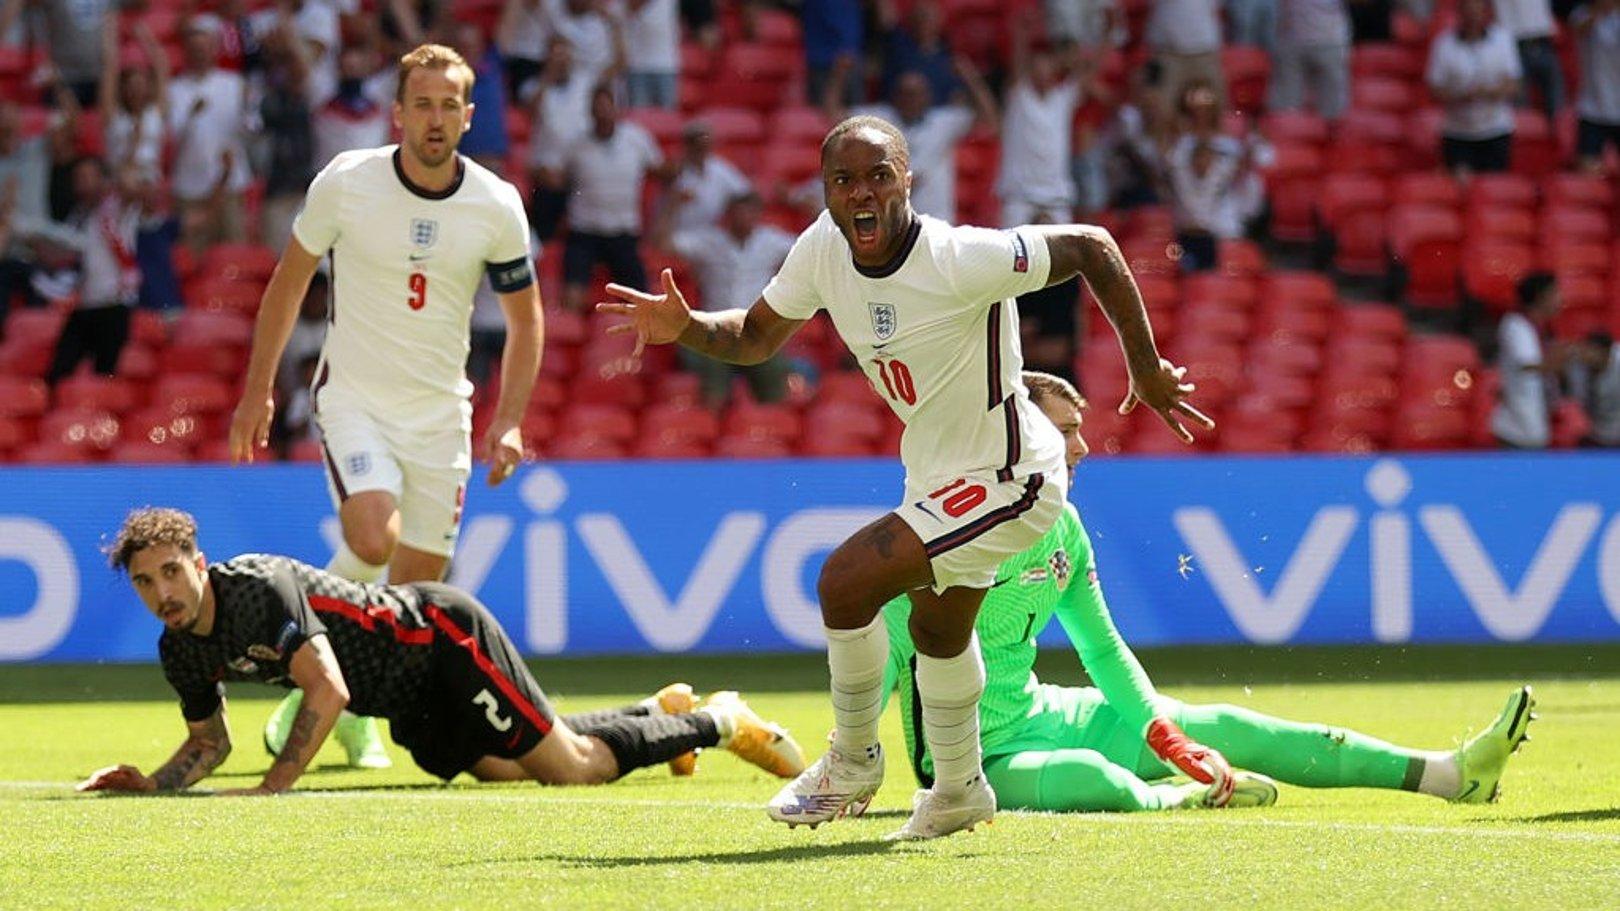 Sterling: Saya Tahu Saya Harus Membuat Gol Di Wembley!